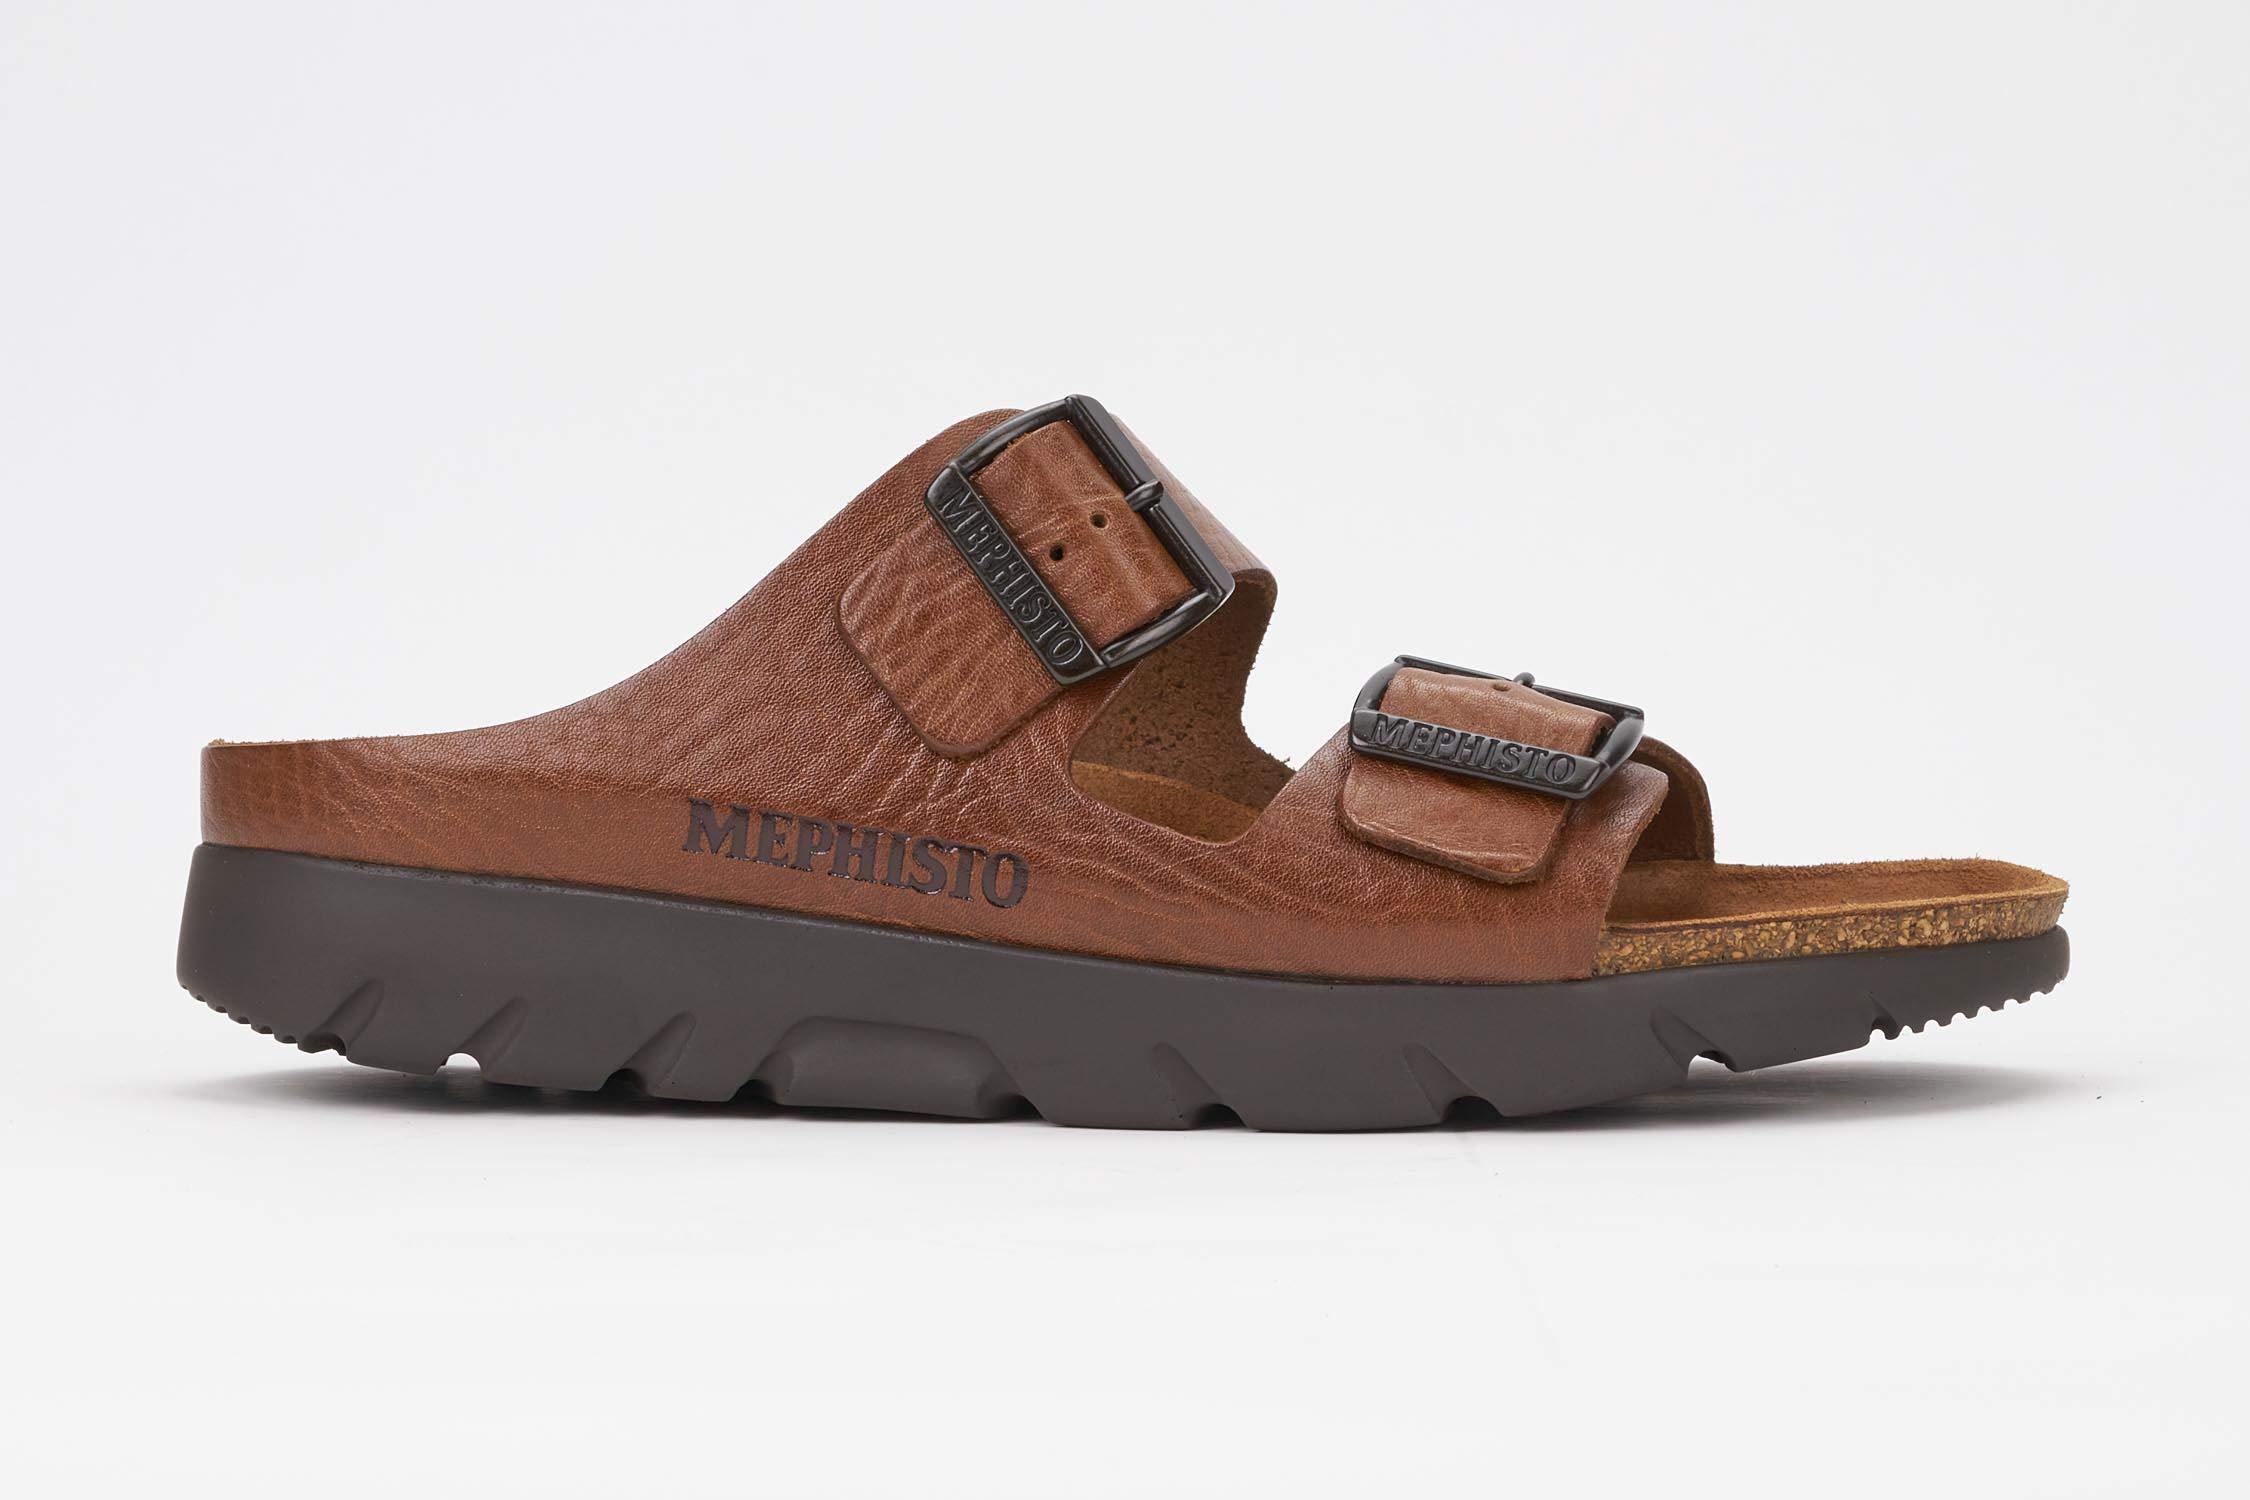 Mephisto Men's Zonder Sandals Tan Grain Leather 45 (US Men's 11), Desert